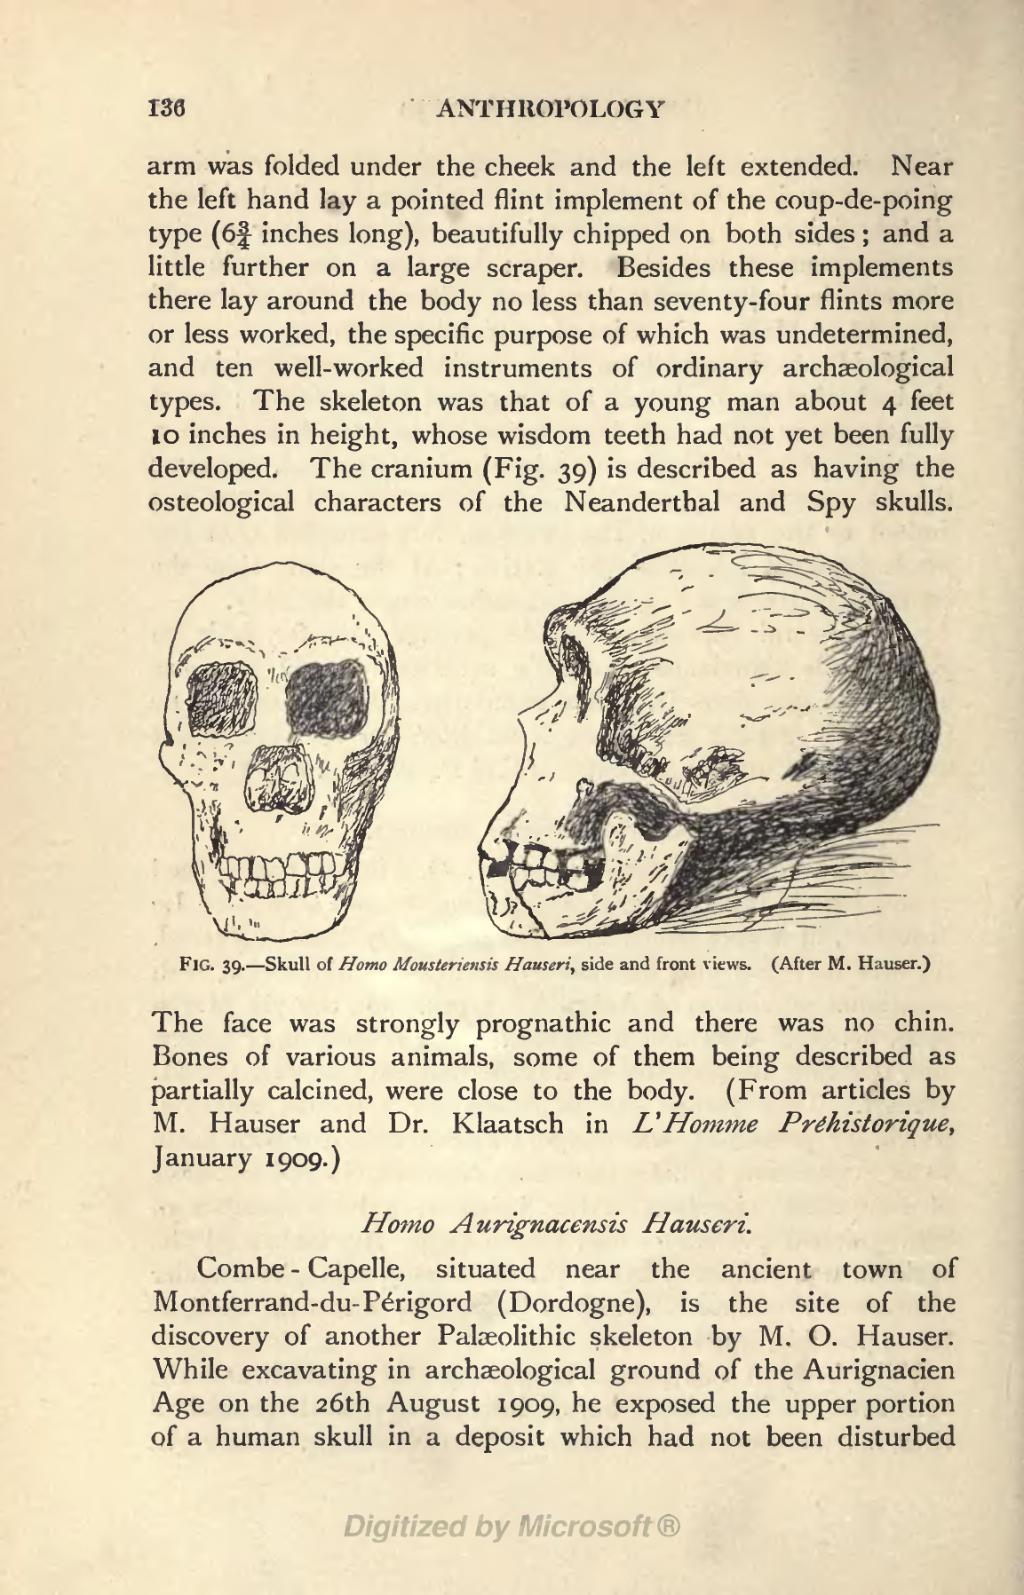 Homo 1909